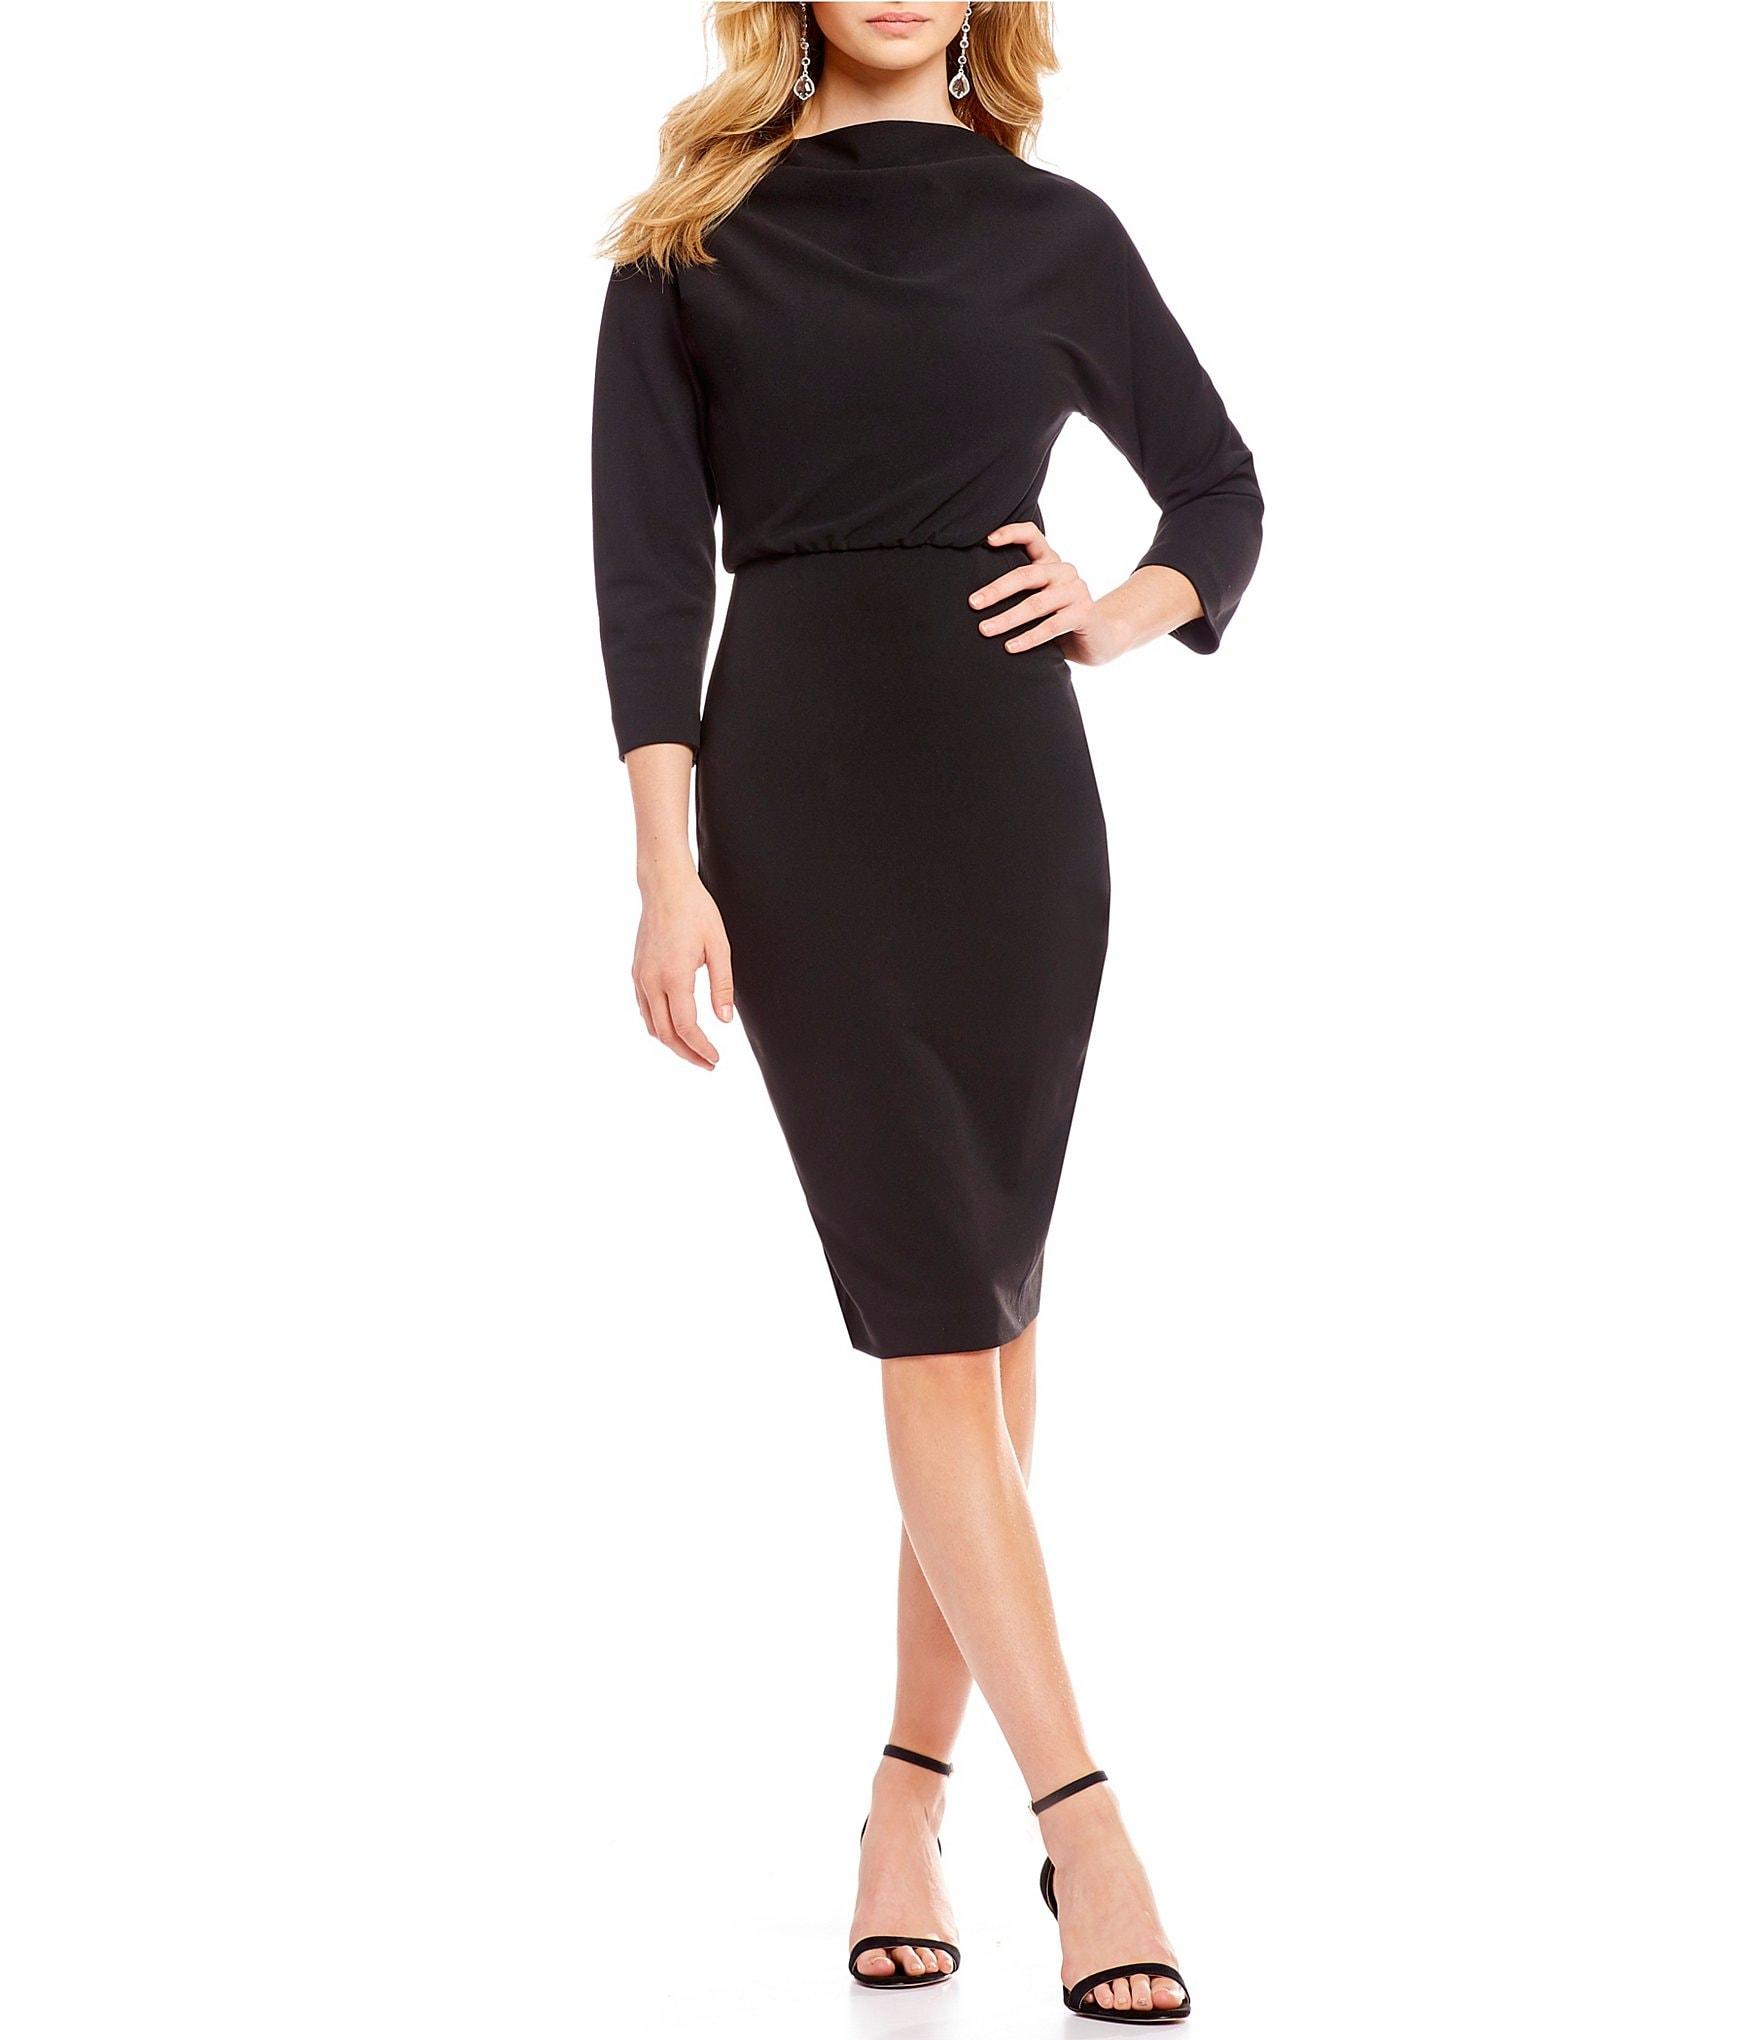 fd96c45a Belle Badgley Mischka Women's Clothing | Dillard's